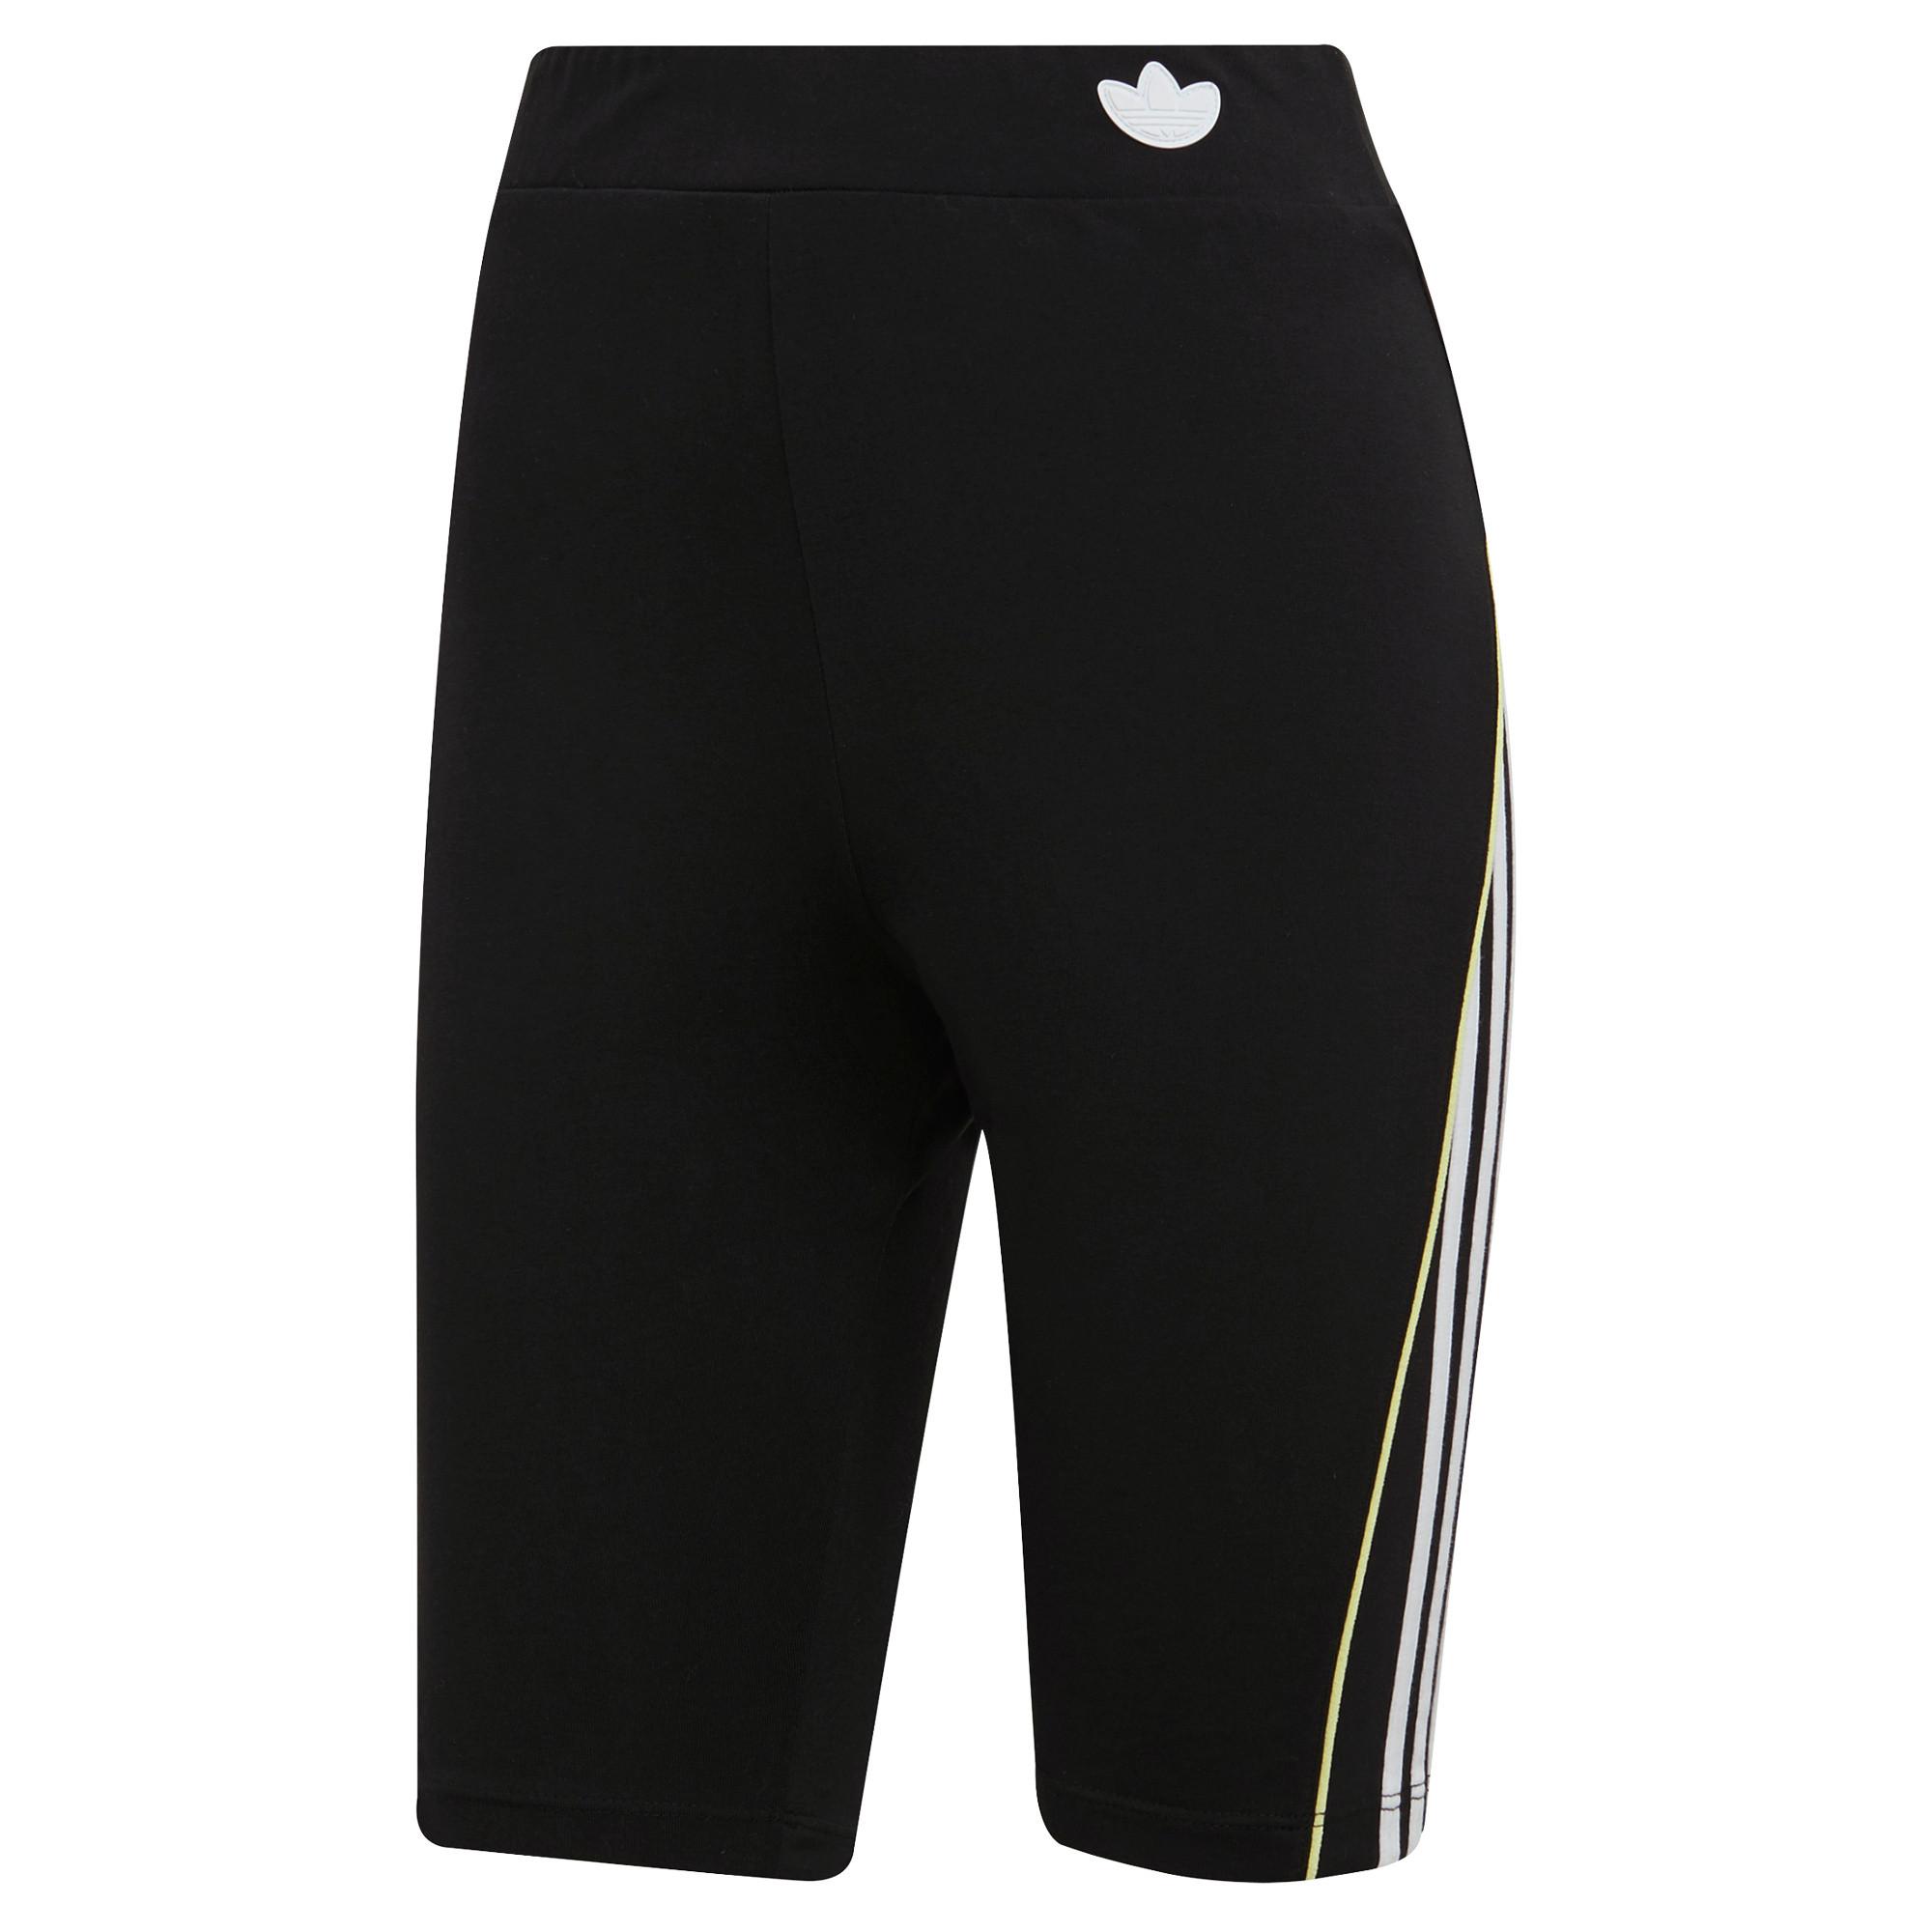 Shorts a vita alta con bordino corto, Nero, large image number 0